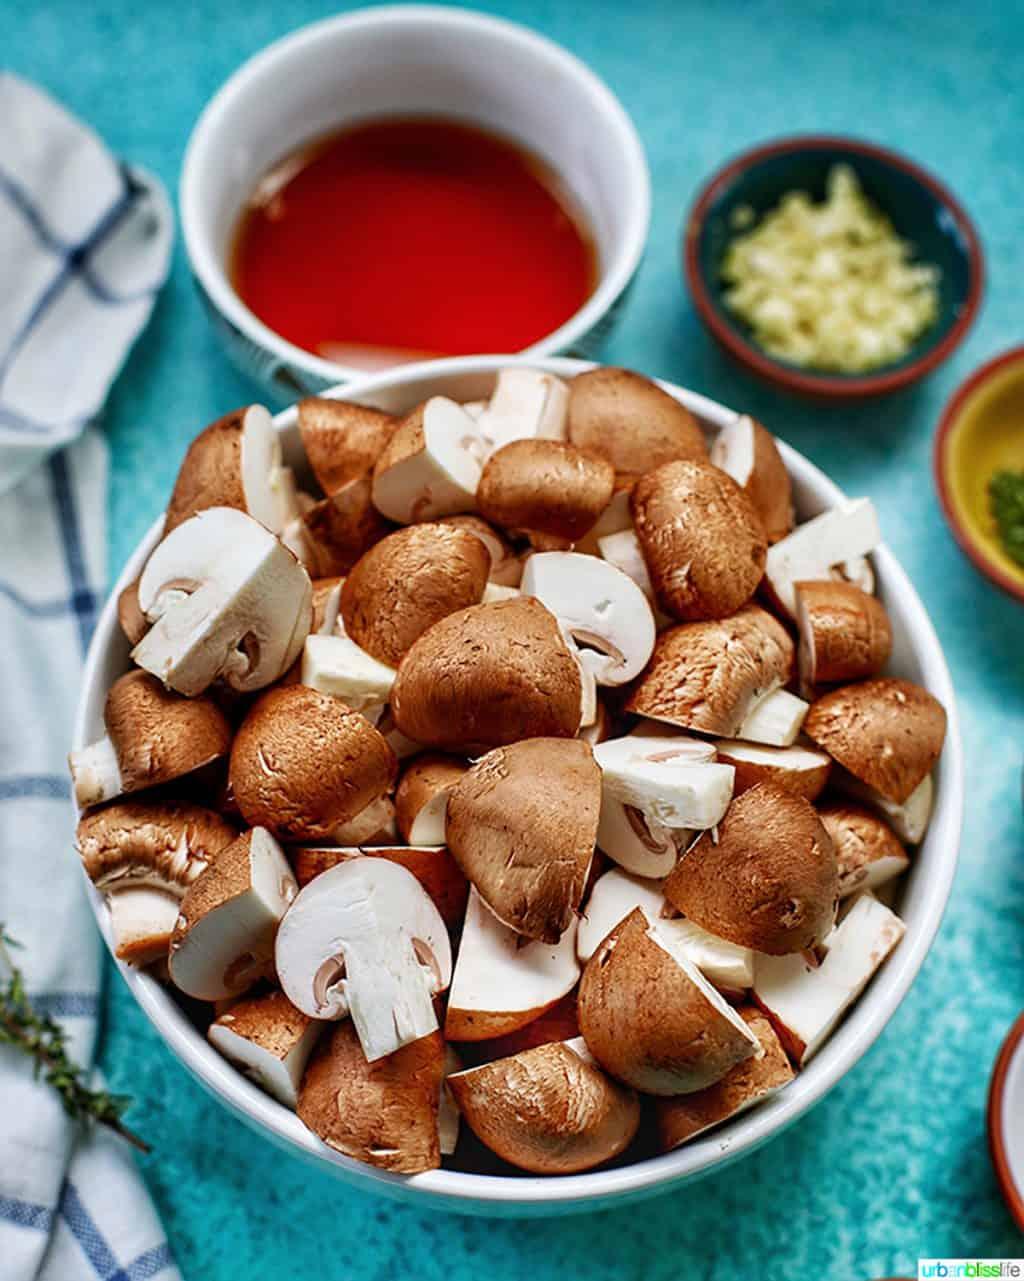 quartered mushrooms